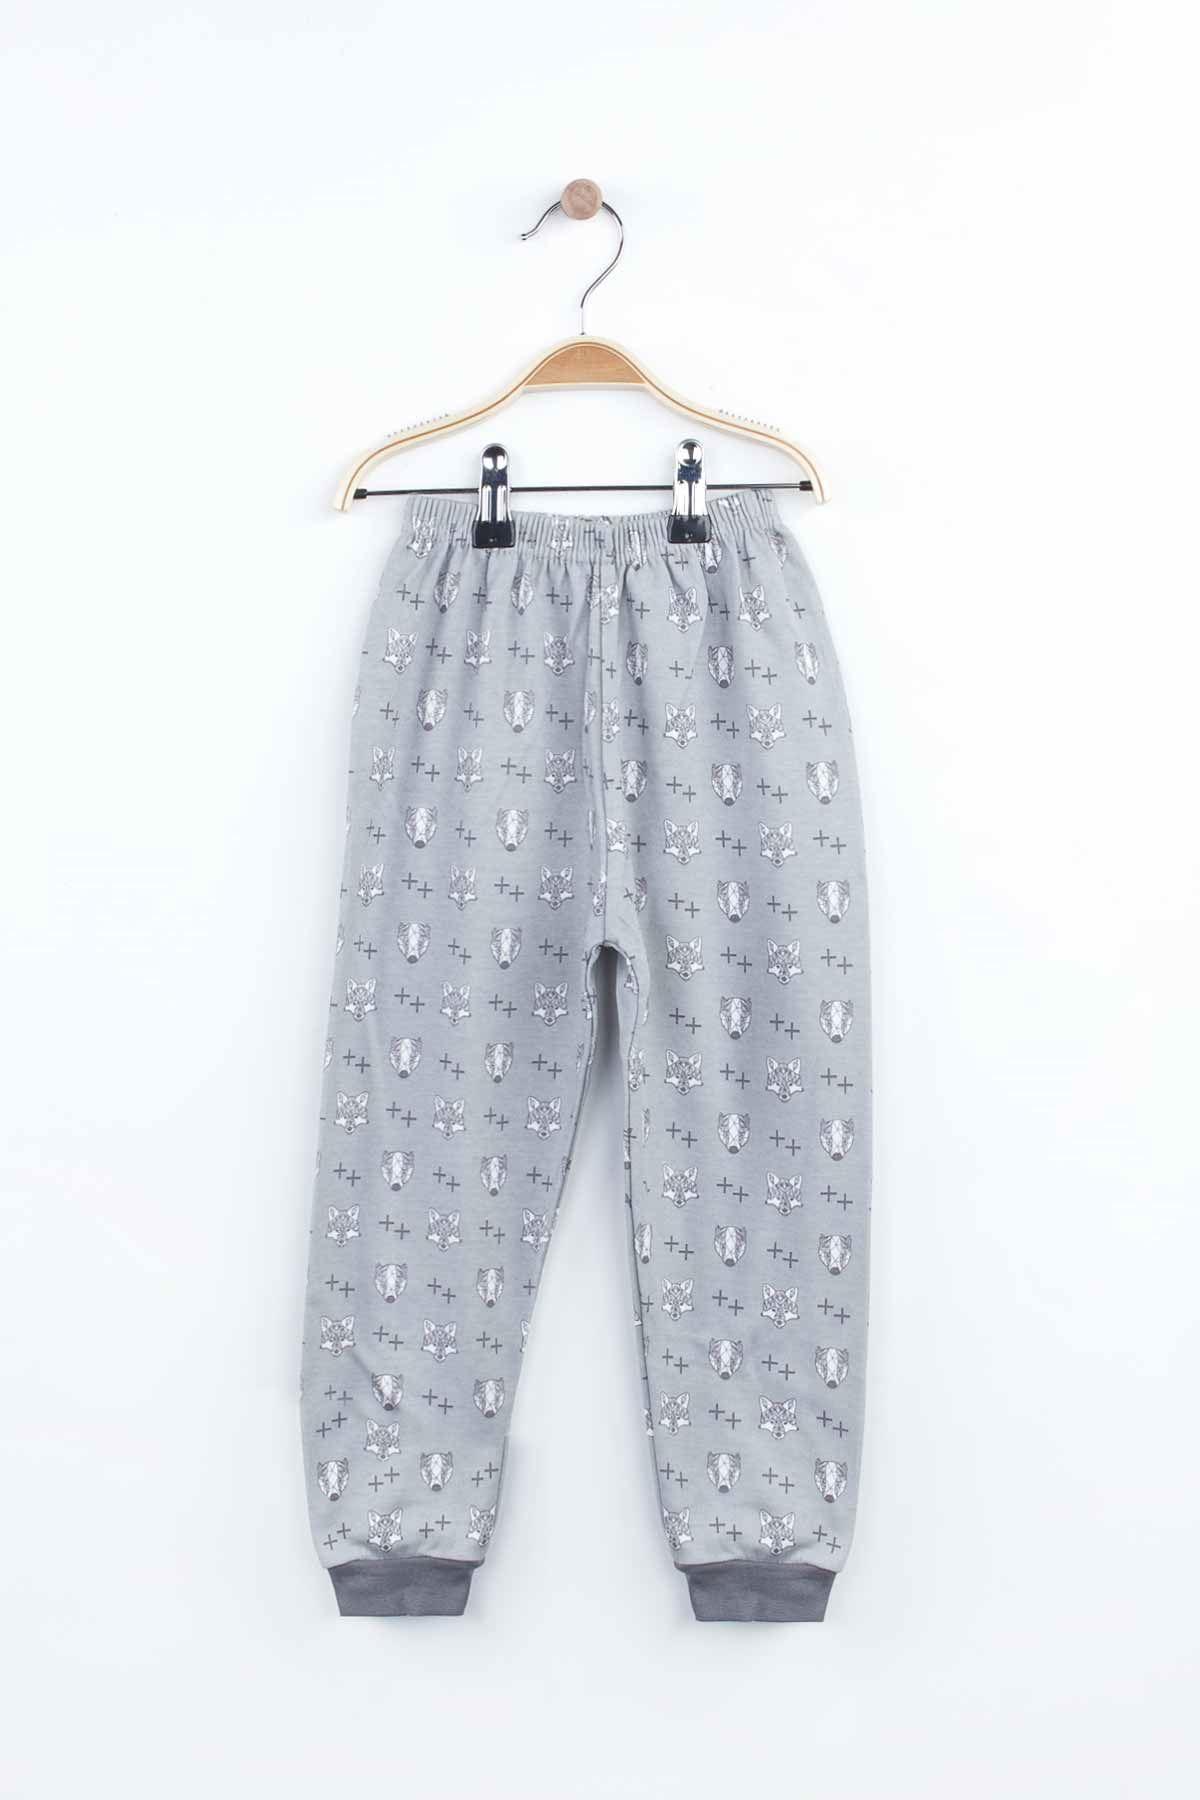 Maroon Boys Girls Pajamas Set Bottom Pajamas Top Pajamas Kids Daily Wear Homewear Cotton Comfortable Children Pajamas Sets